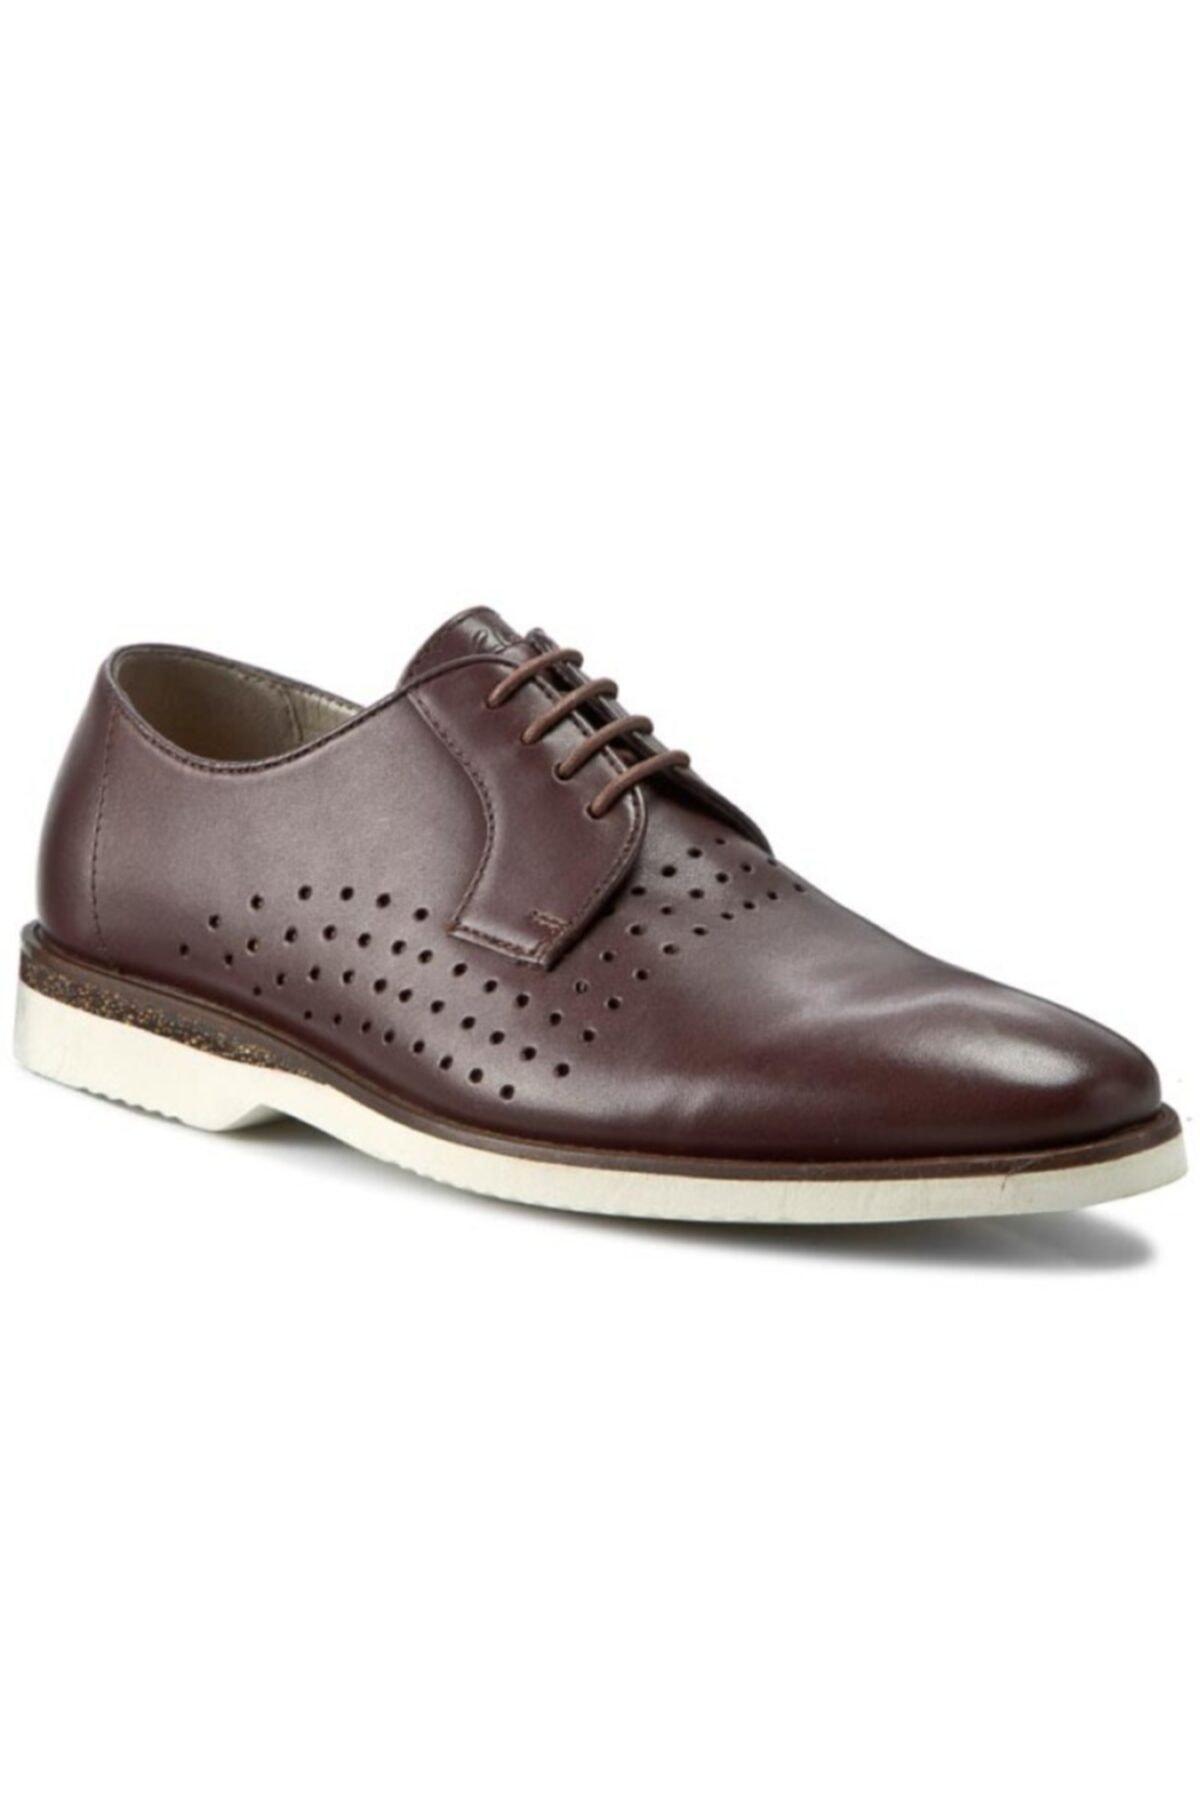 CLARKS Erkek Kestane Deri Ayakkabı 1